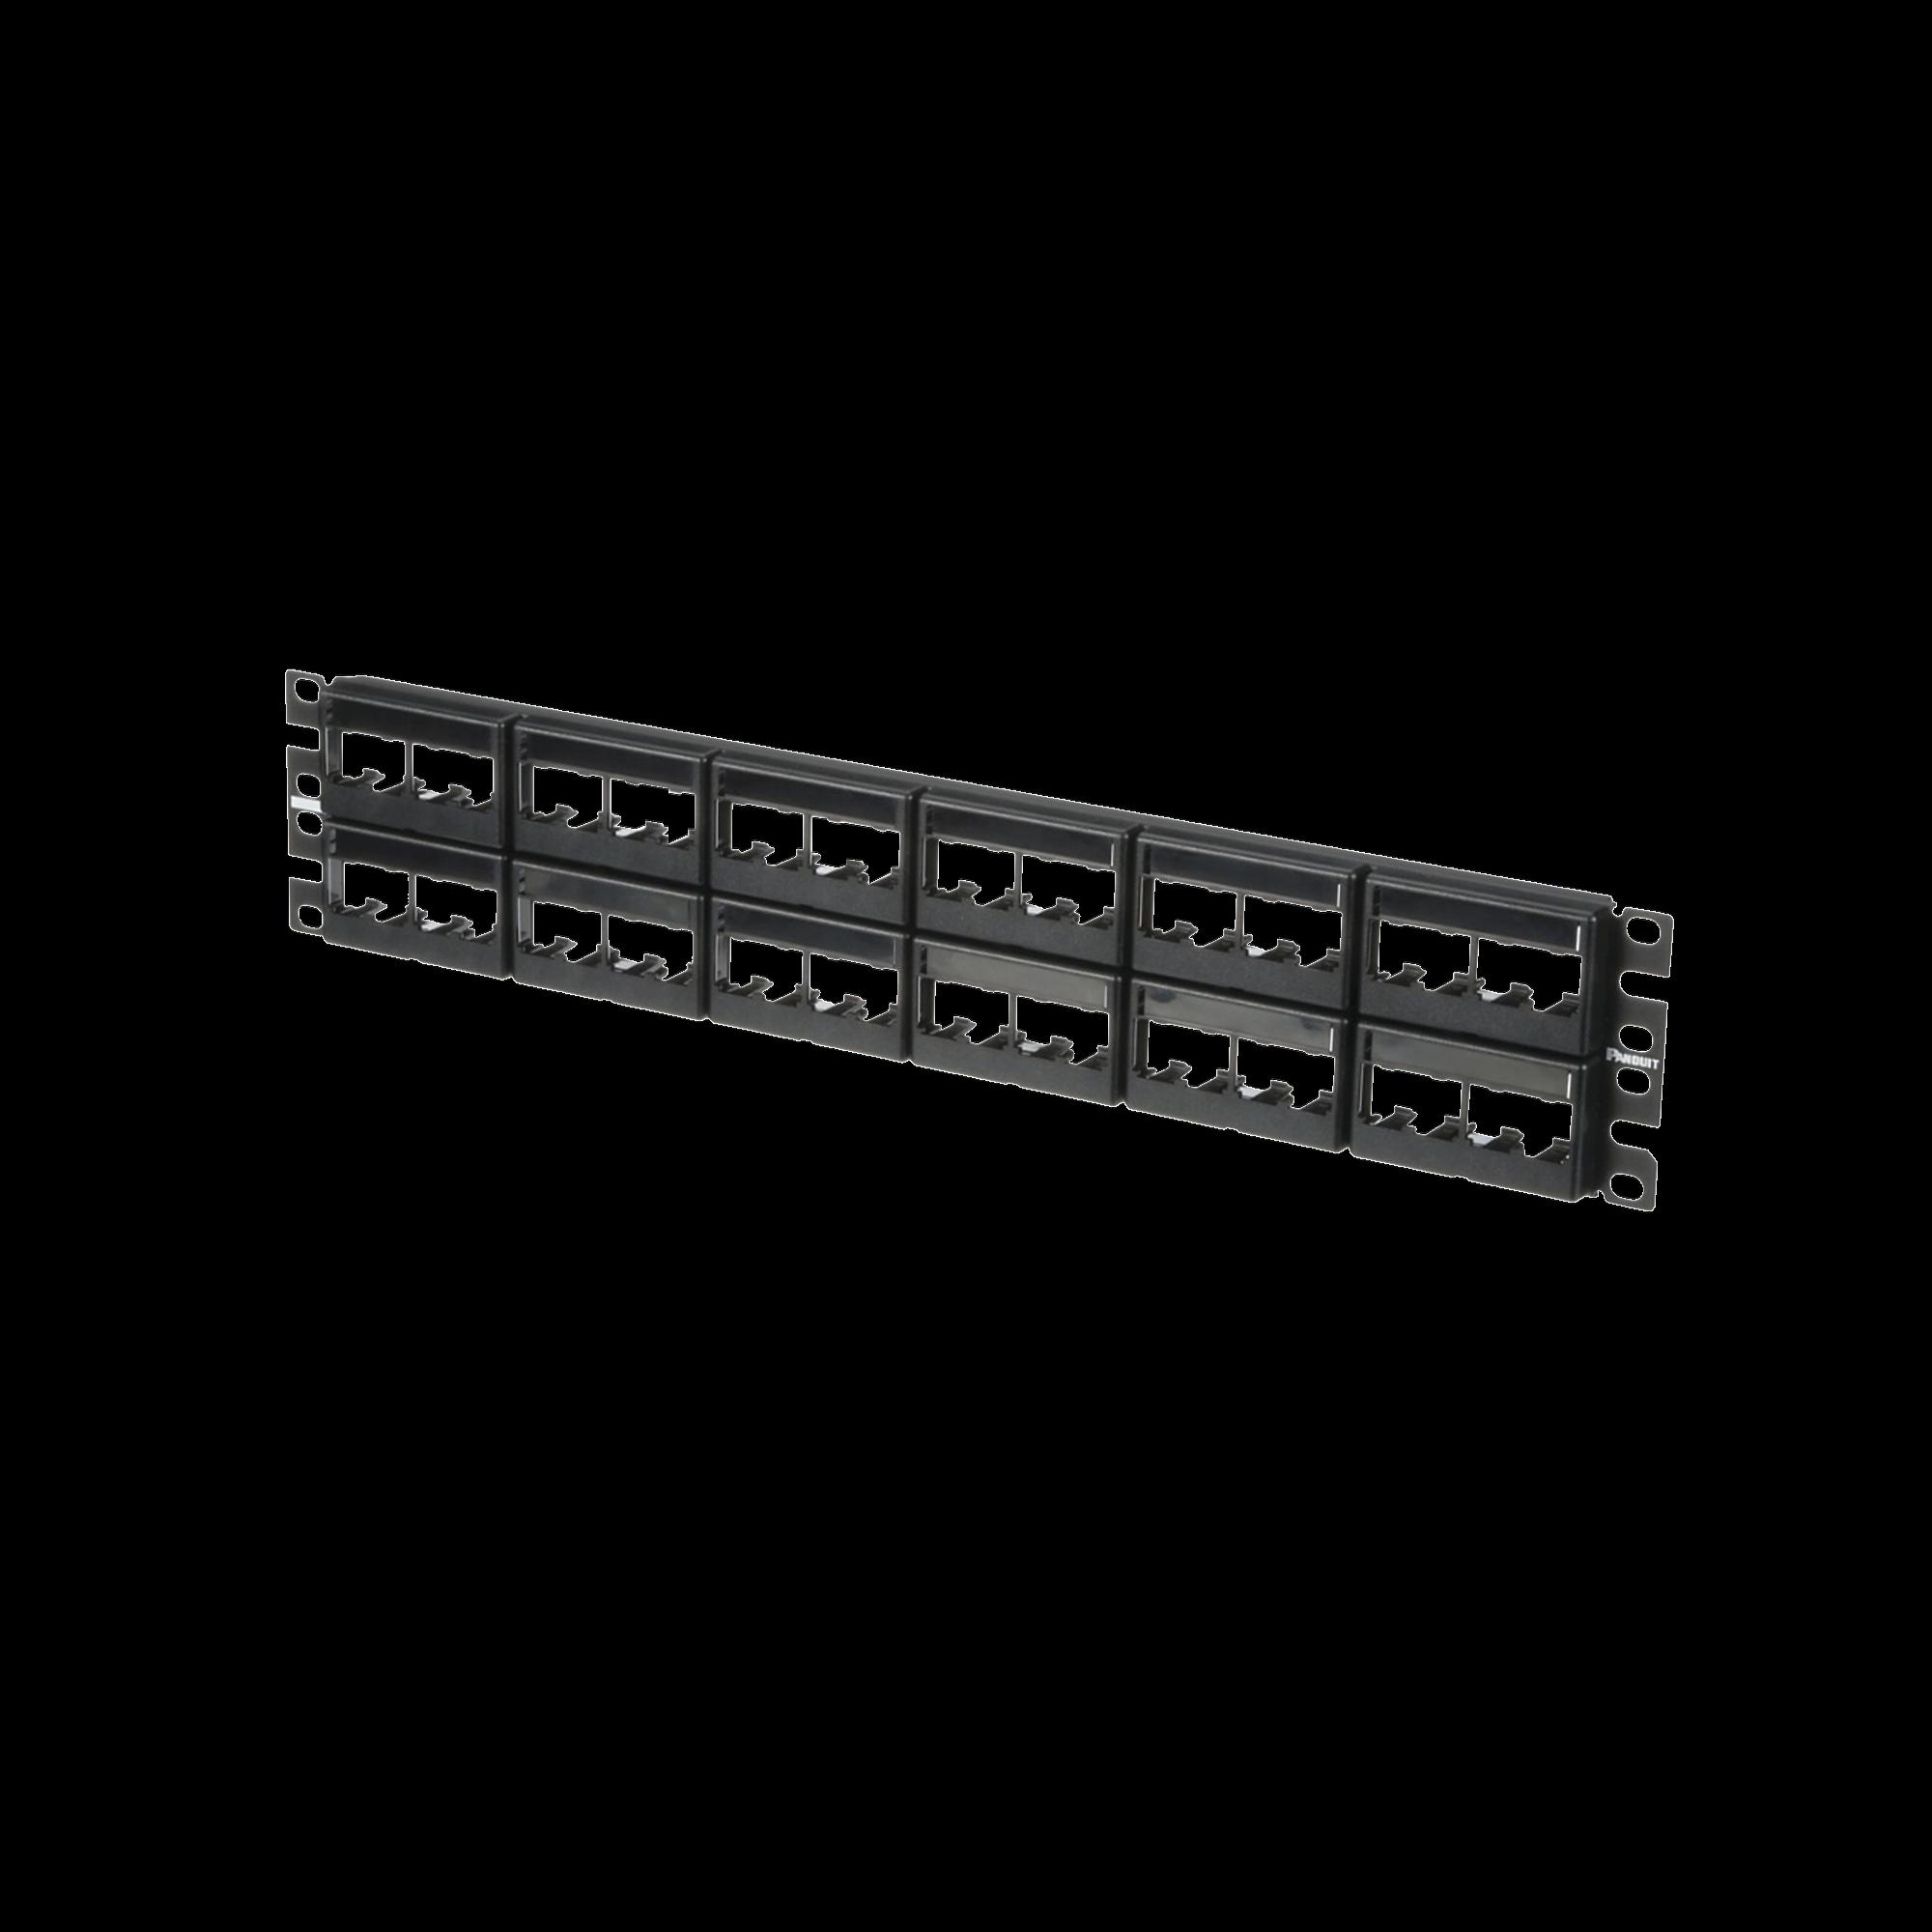 Panel de Parcheo Modular Mini-Com (Sin Conectores), Plano, Sin Blindaje, Con Etiqueta y Cubierta, de 48 puertos, 2UR